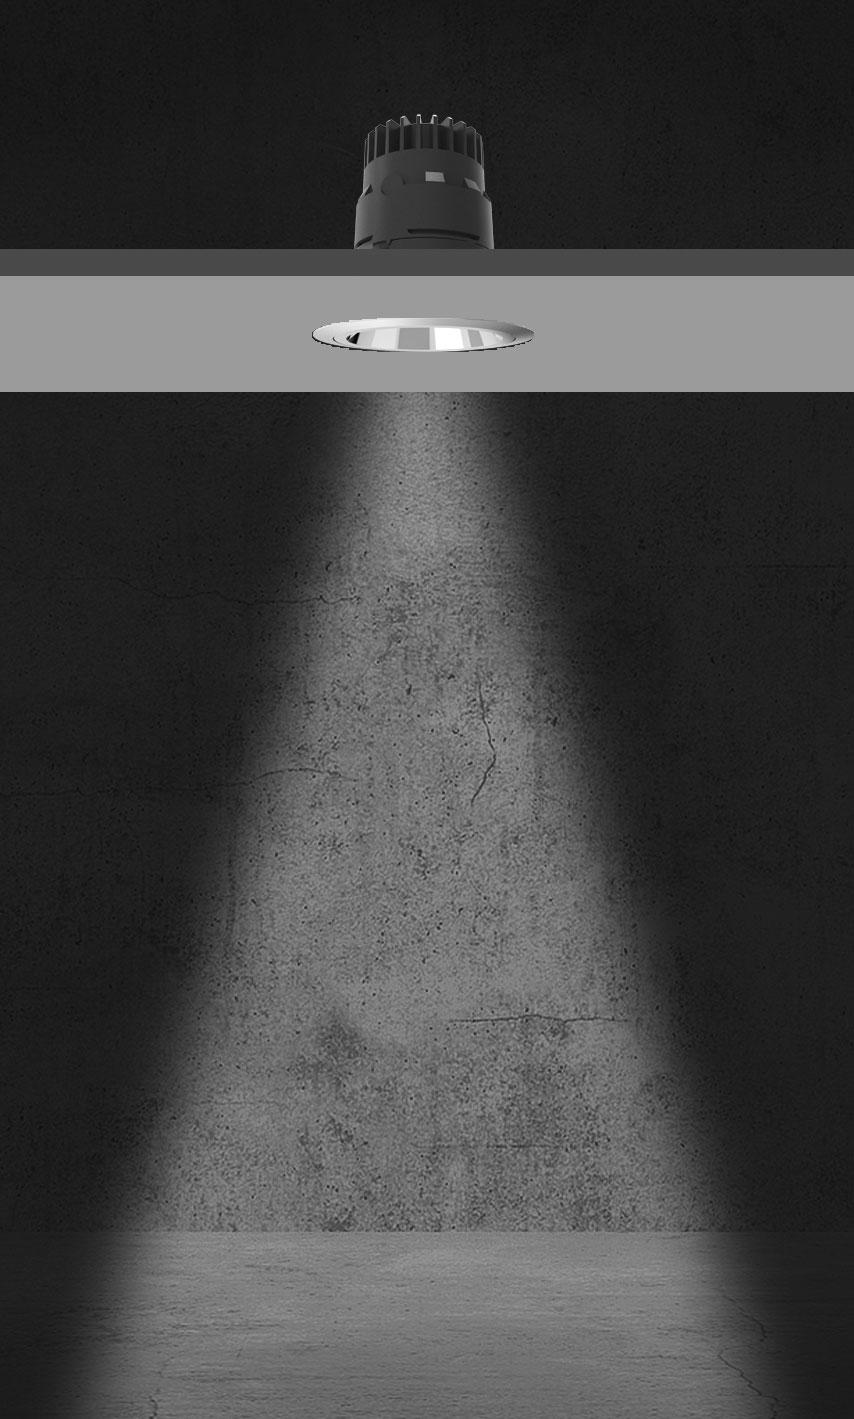 Rozsył światłości systemu Geco - 36 stopni